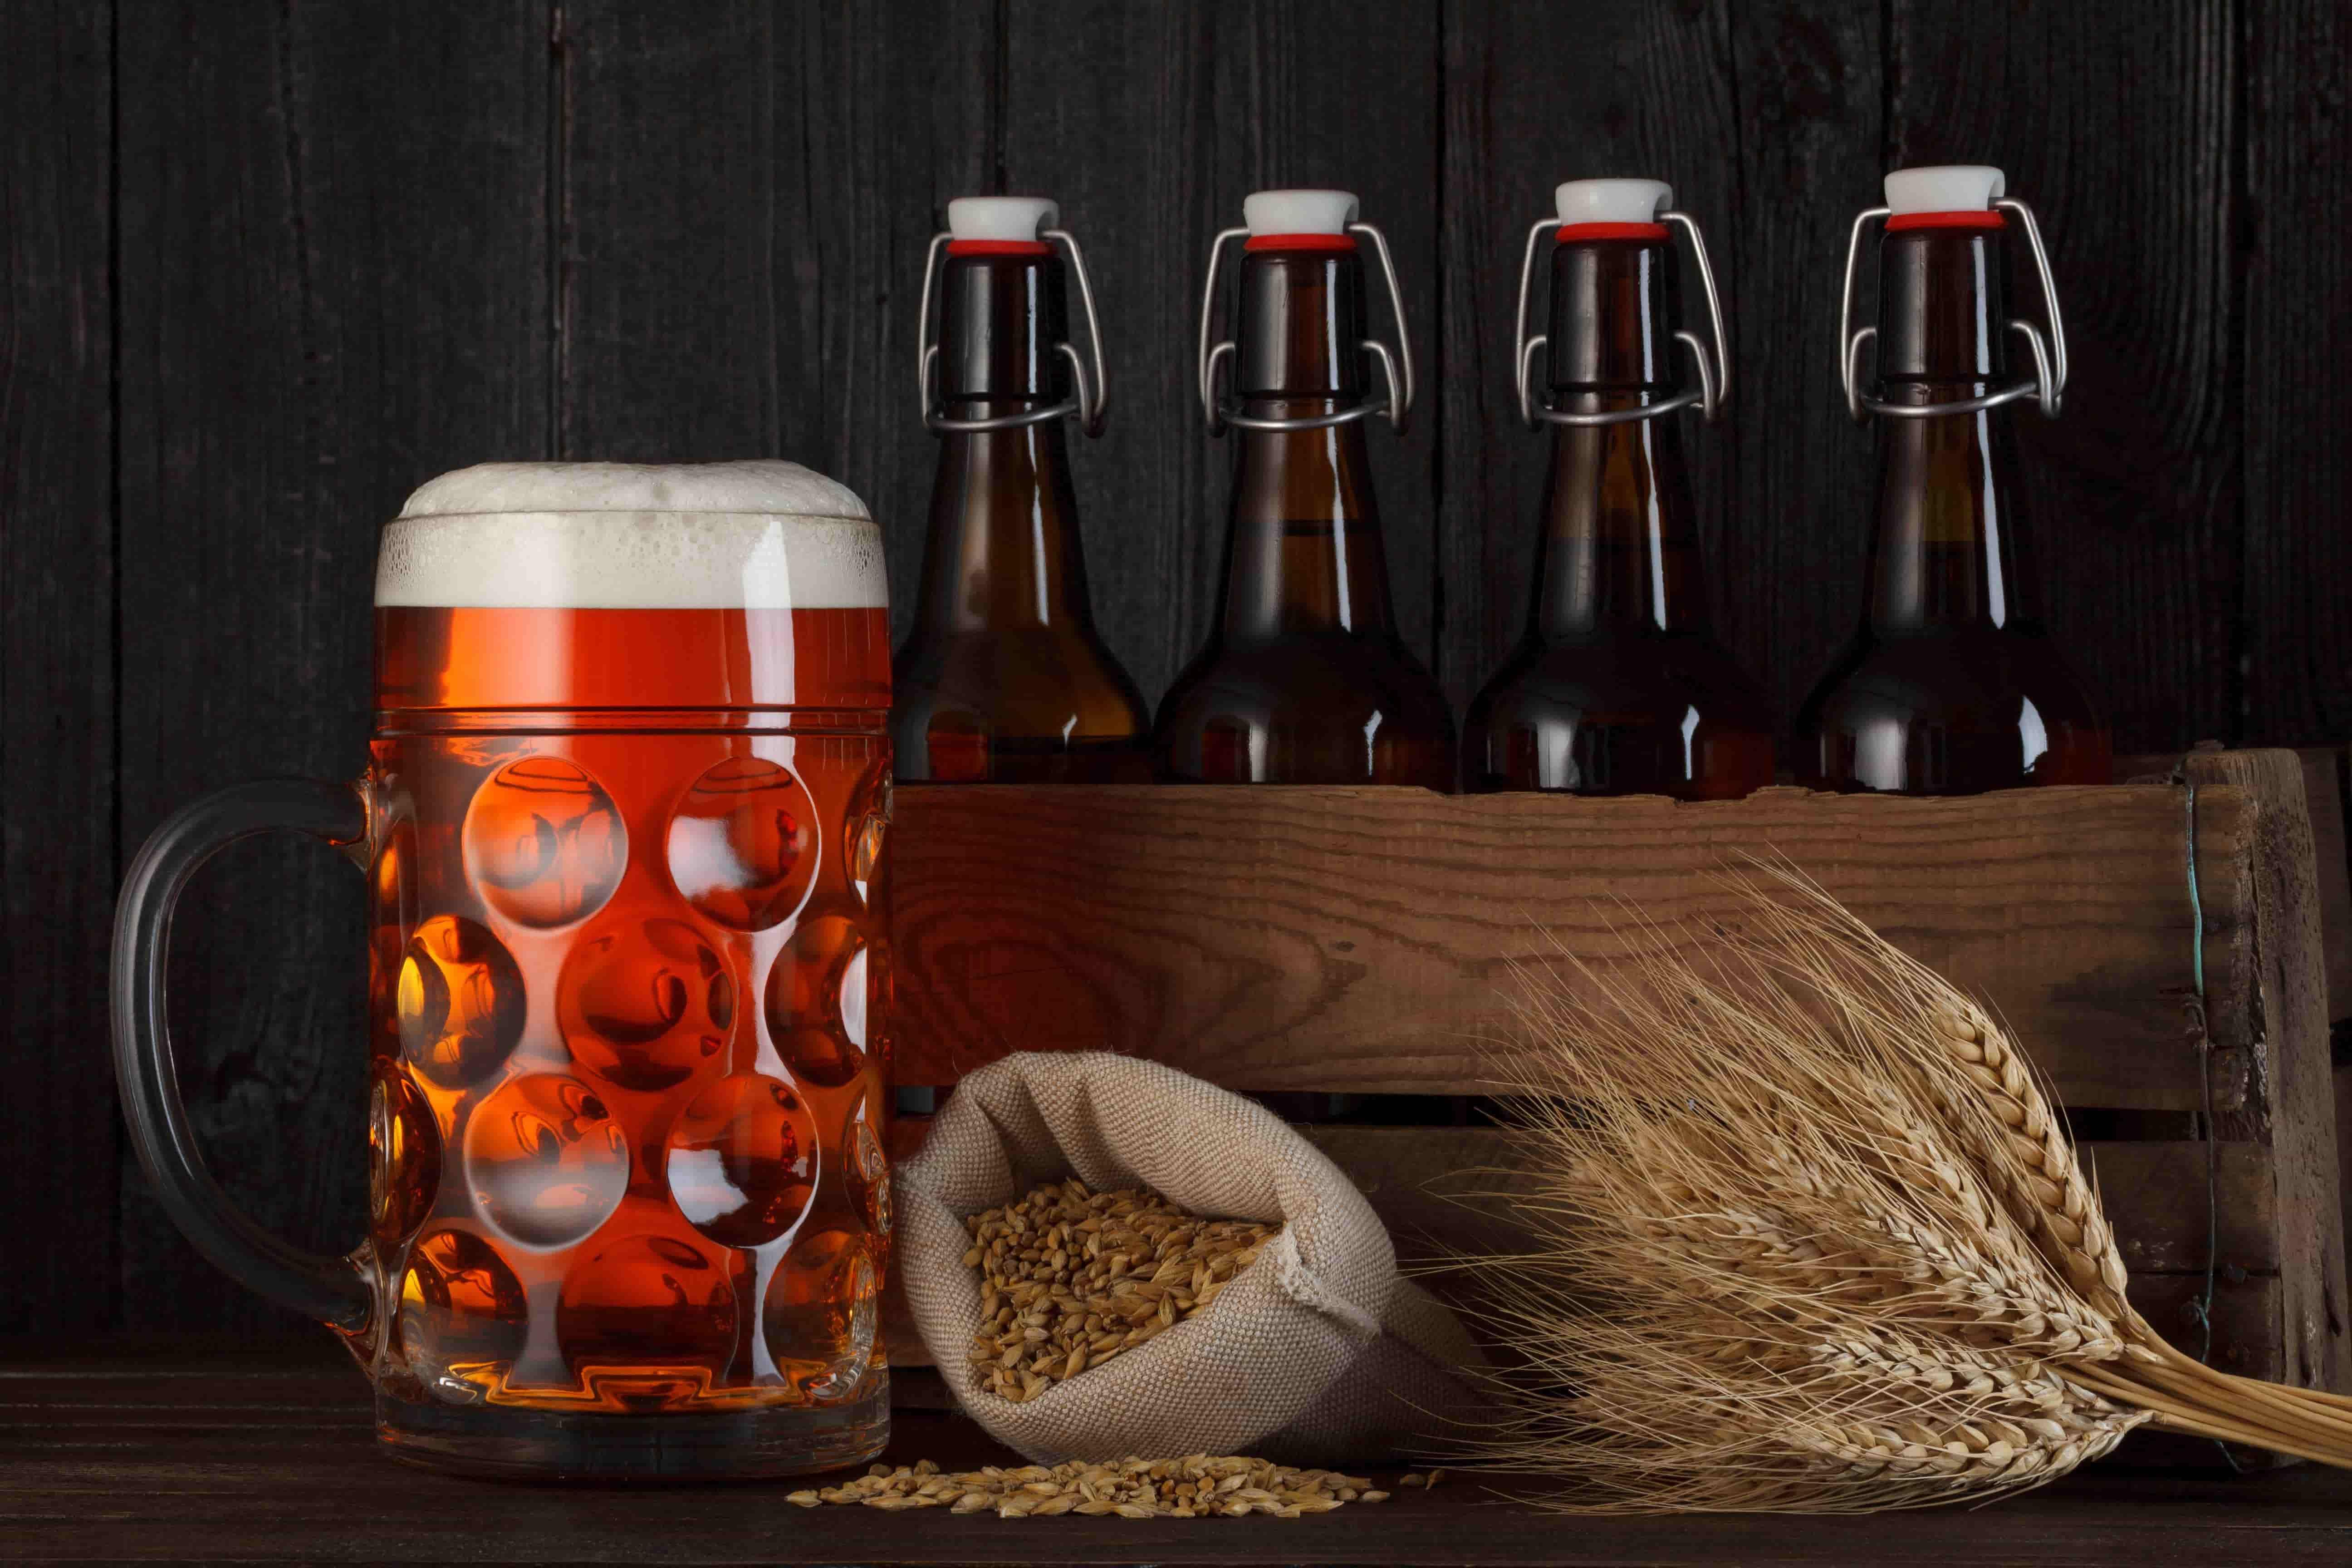 Hurtownia Piwa Szczecin, sklep z piwem Szczecin